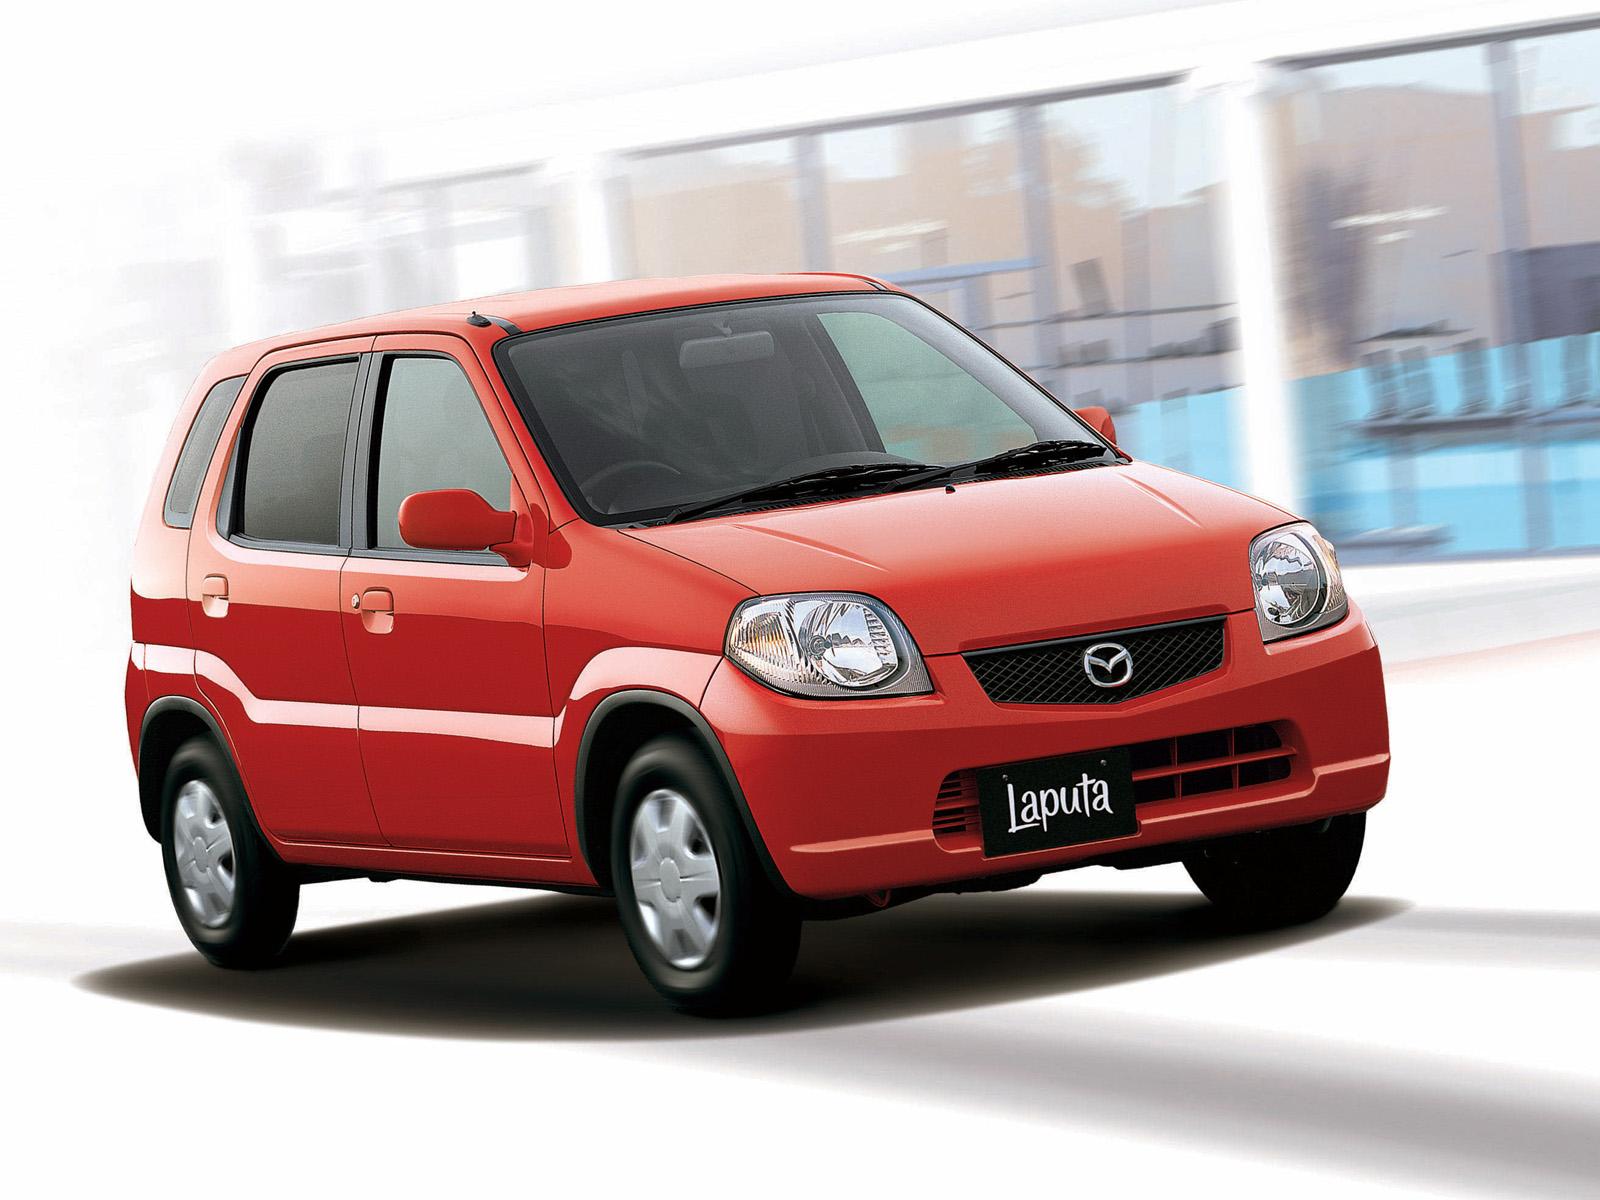 De Mazda LaPuta bestaat dus echt - TopGear Nederland